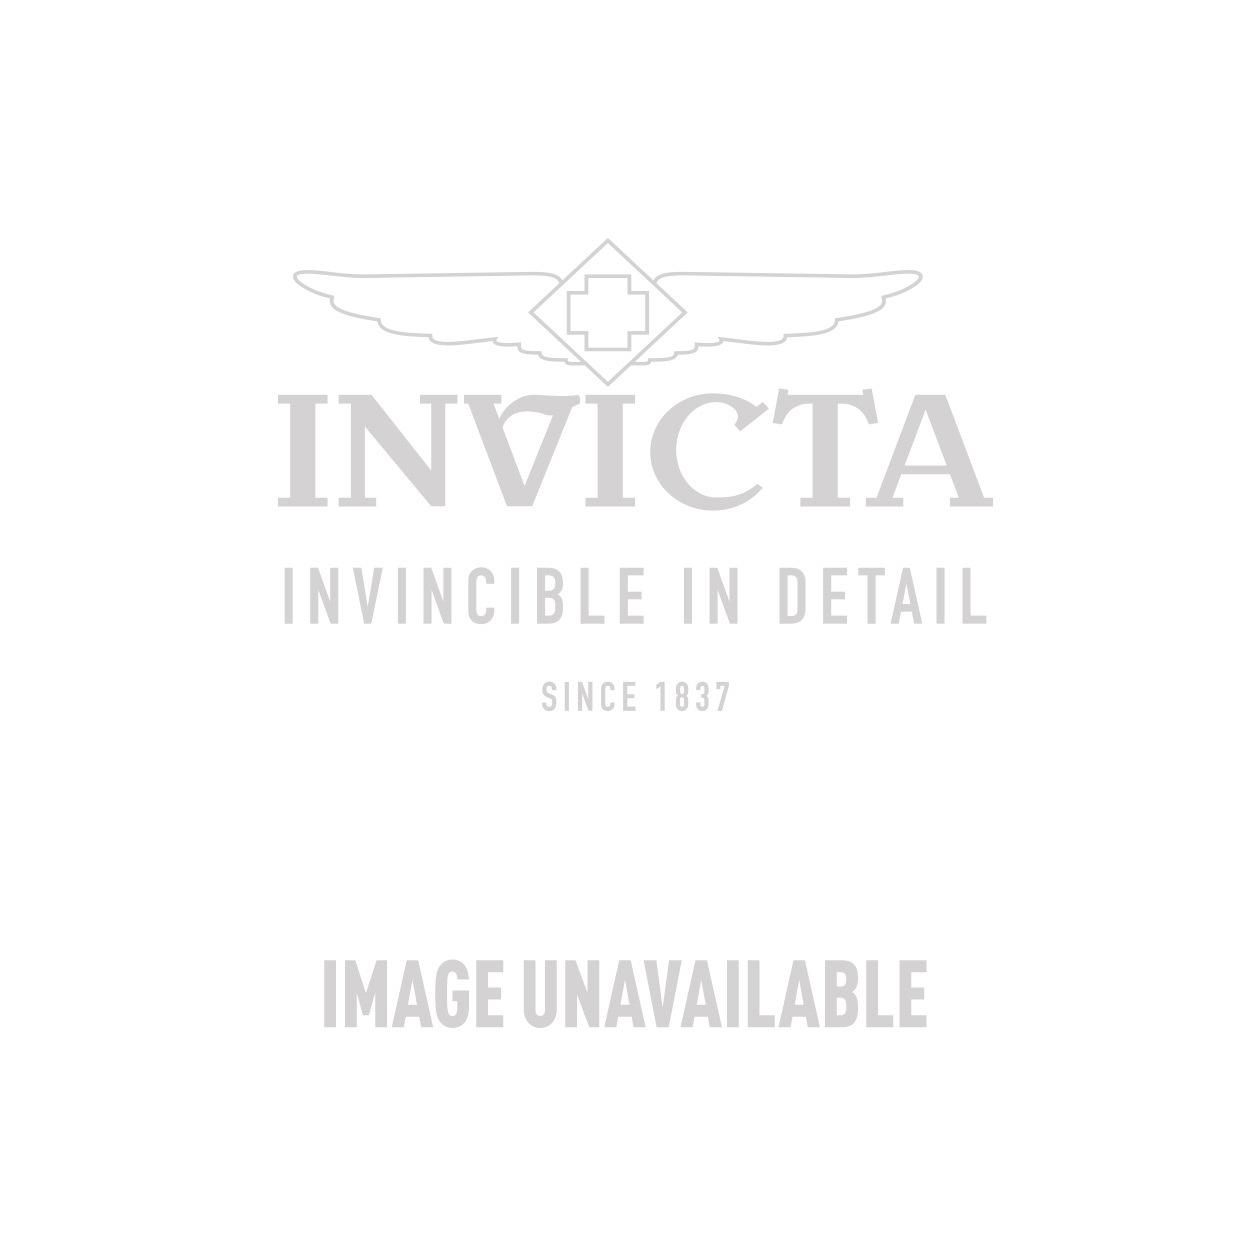 Invicta Model 29134